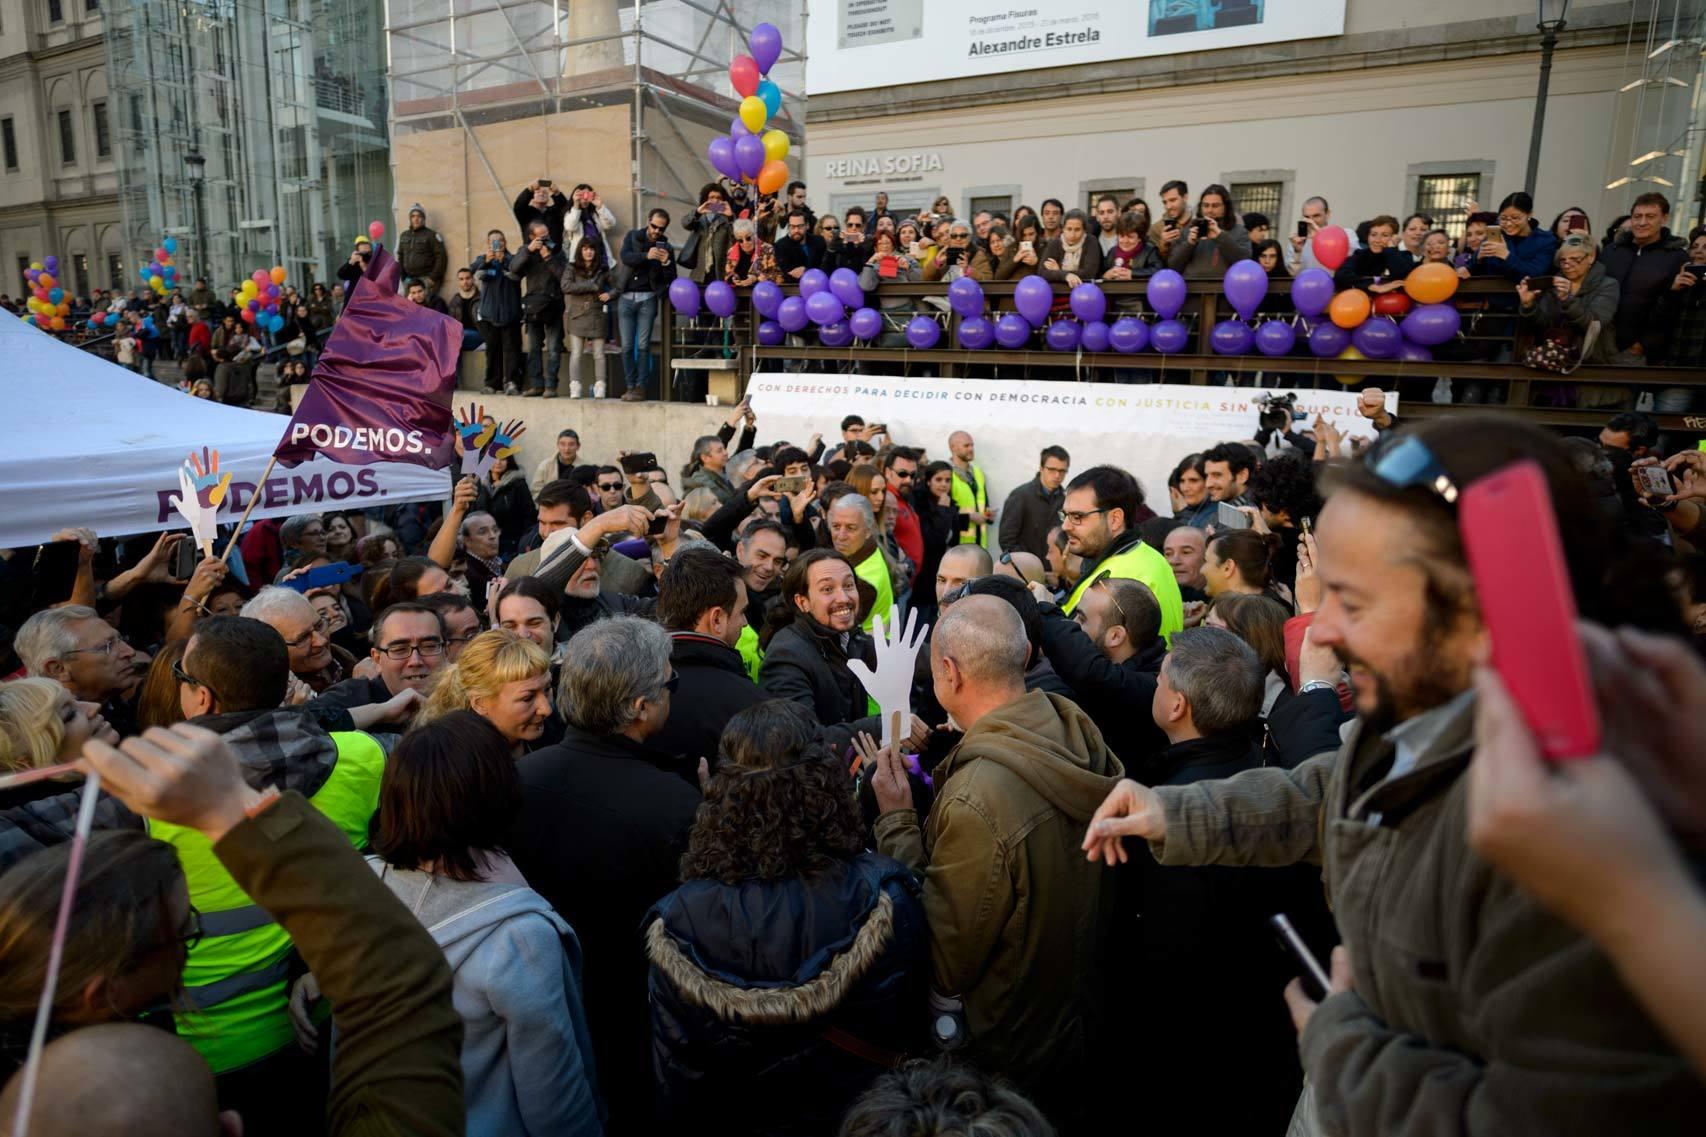 Acto de Podemos en la plaza del Museo Reina Sofía de Madrid.